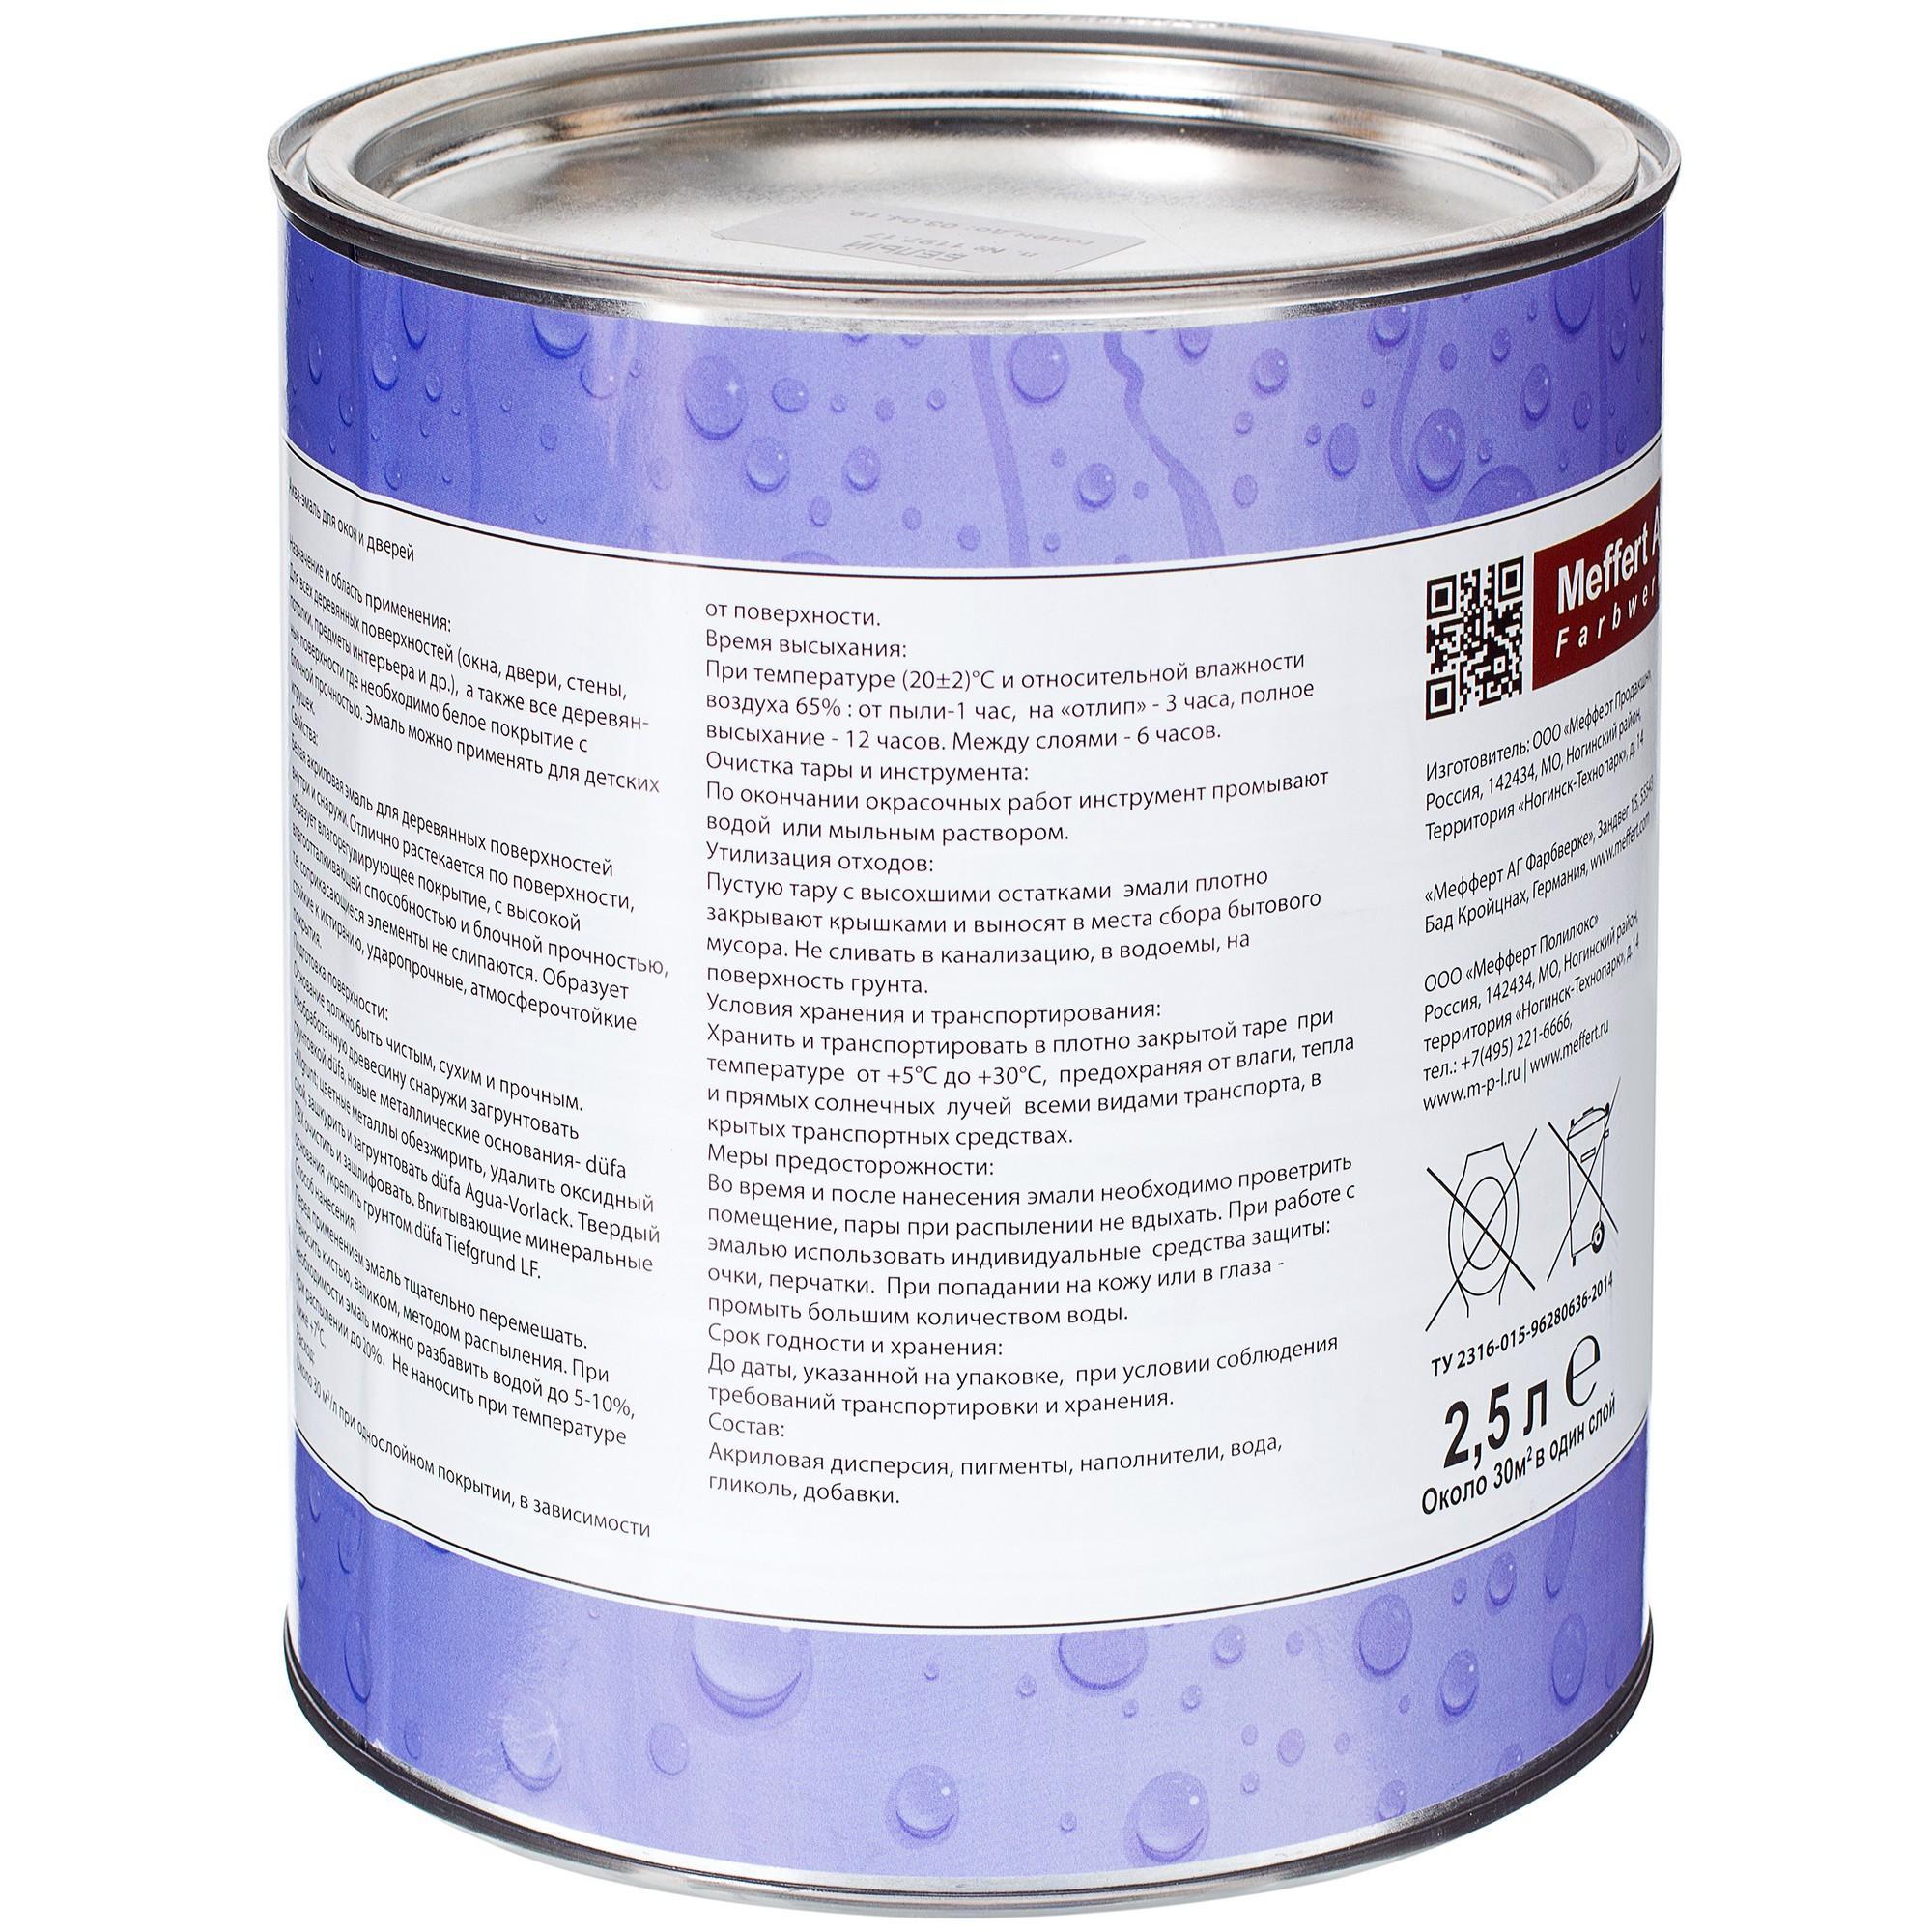 Сулы-дисперсиялық бояу. Құрамы: пигменттер, акрил полимерінің эмульсиясы, су, фунгицидтер және альгицидтер.: Терезелерге арналған су қосып сұйылтатын эмаль DUFA жалтыр ақ түсті 2.5л